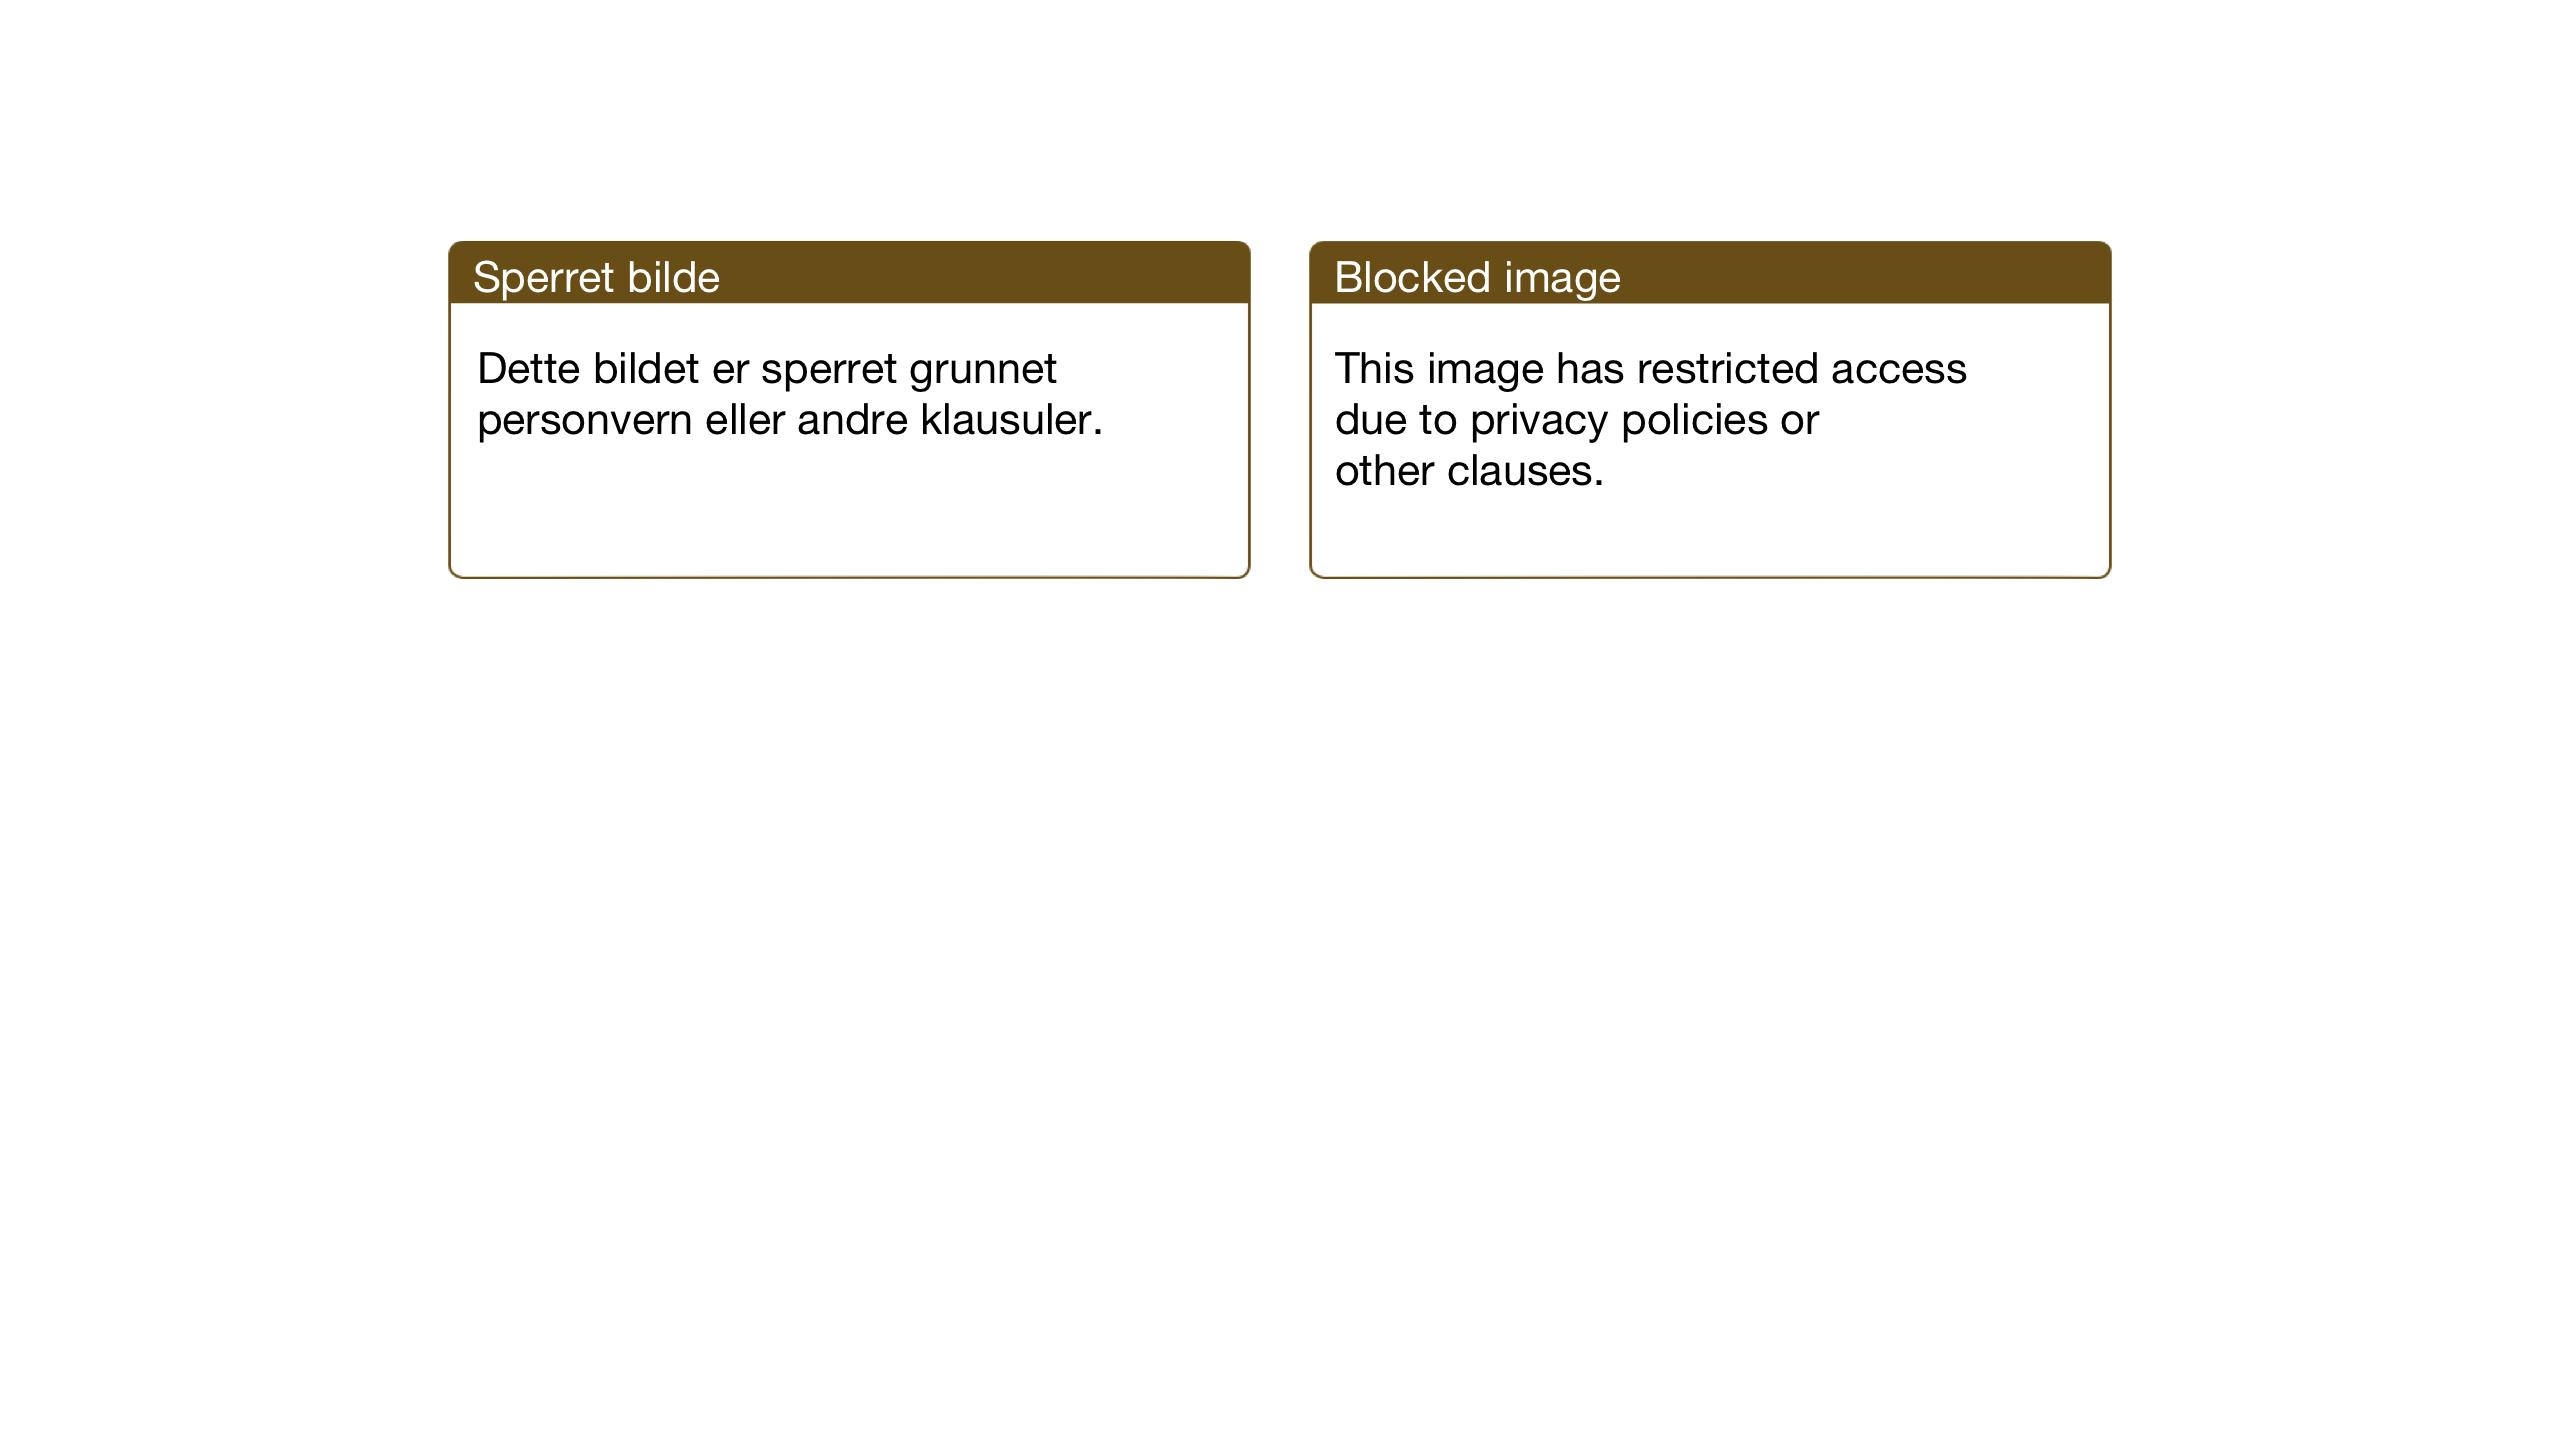 SAT, Ministerialprotokoller, klokkerbøker og fødselsregistre - Sør-Trøndelag, 652/L0654: Klokkerbok nr. 652C02, 1910-1937, s. 50